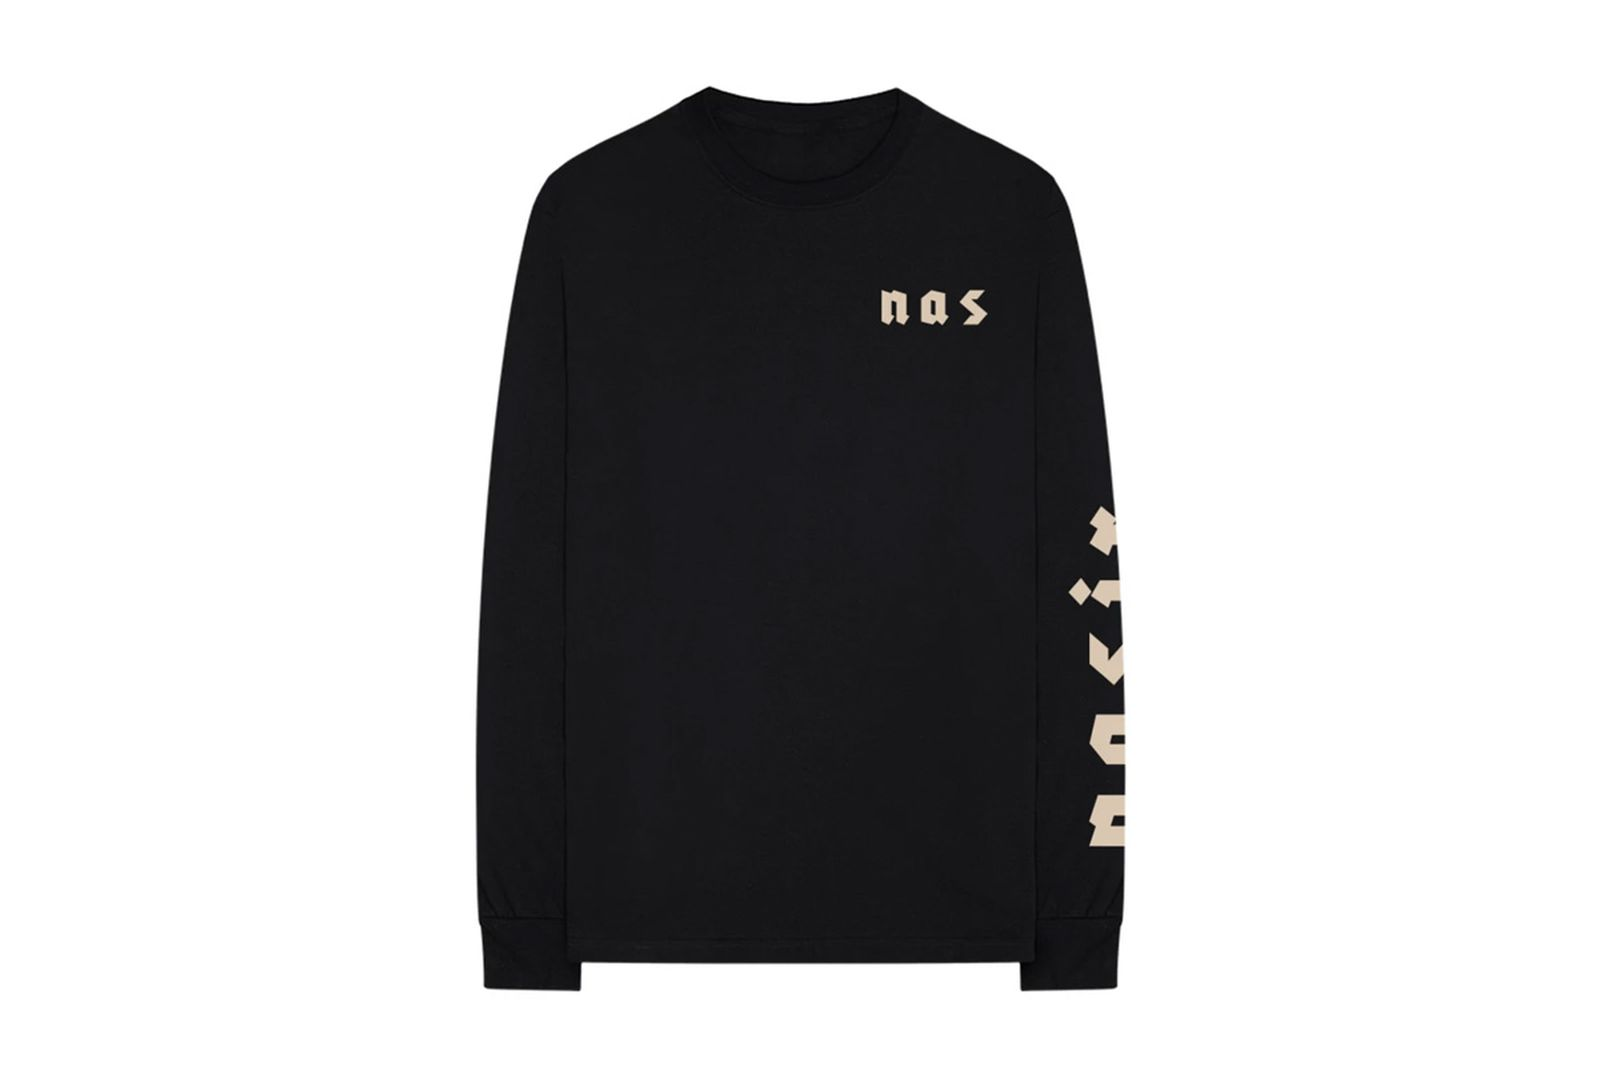 nasir05 ASAP Ferg Merchandise Travis Scott